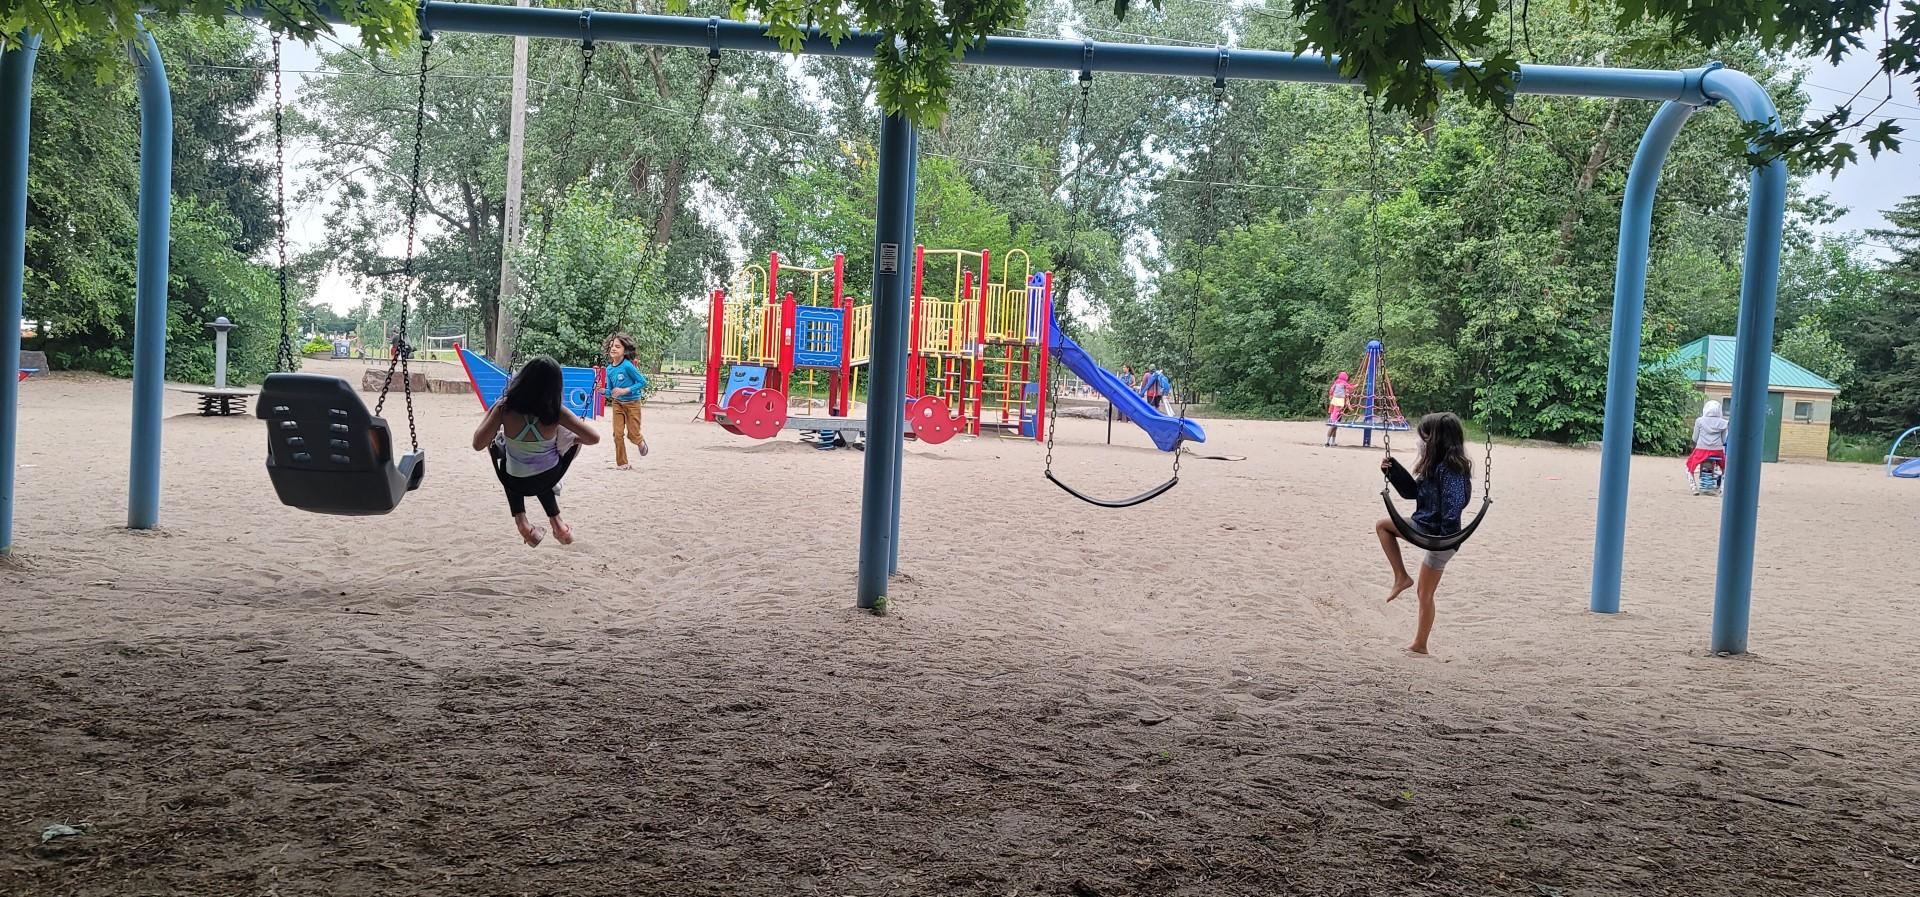 Ashbridge's BAy playground